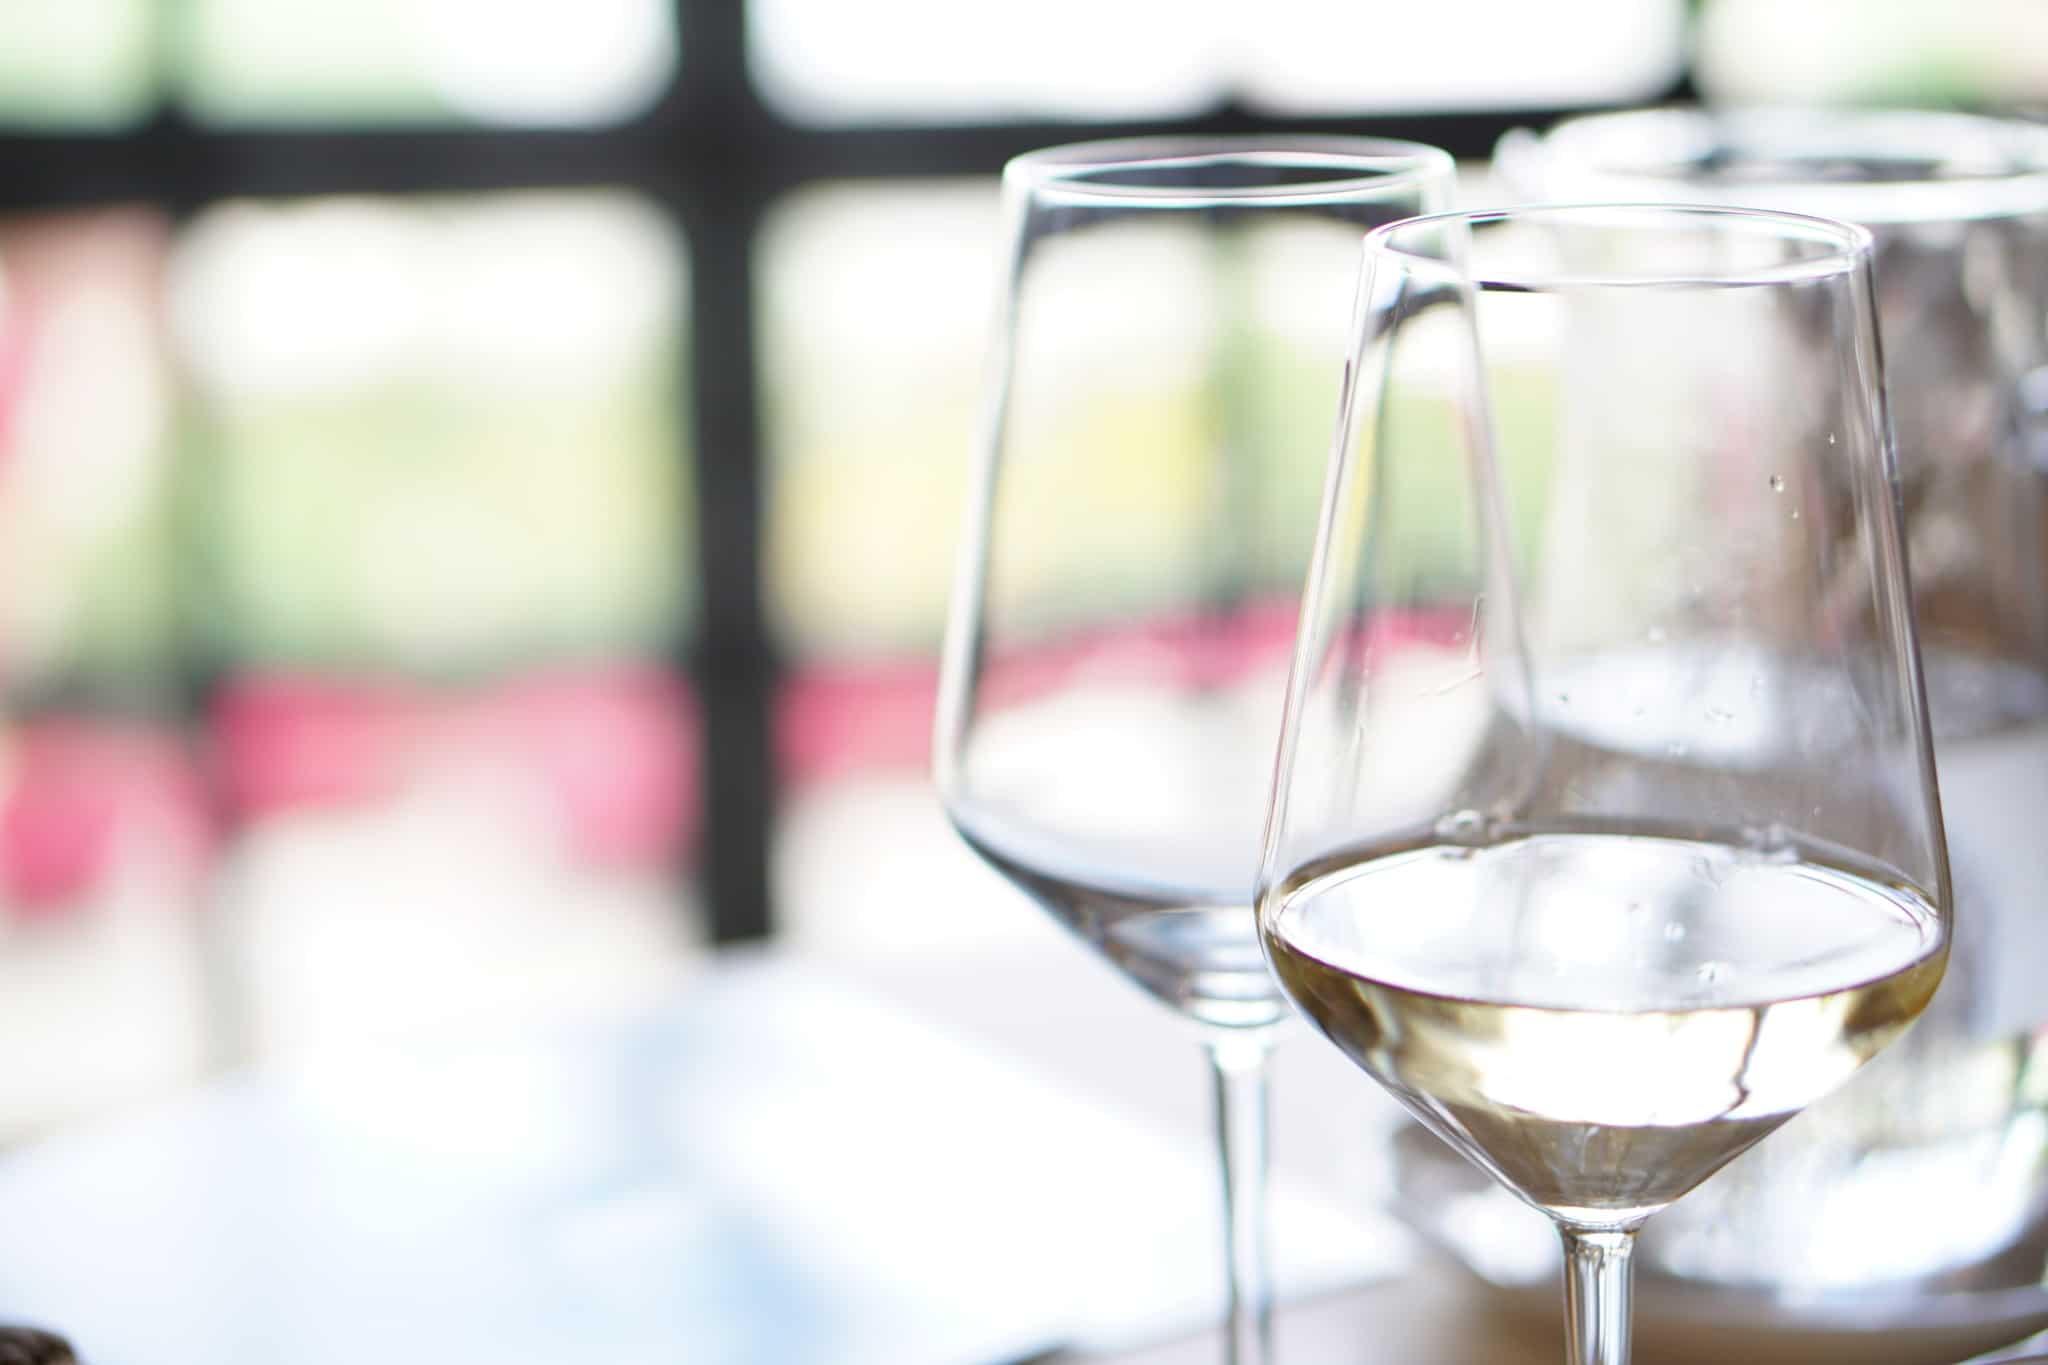 You are currently viewing 【くせになる白ワインの代表】すっきりした爽やかさ&香りが特徴的なソーヴィニョンブランとは?